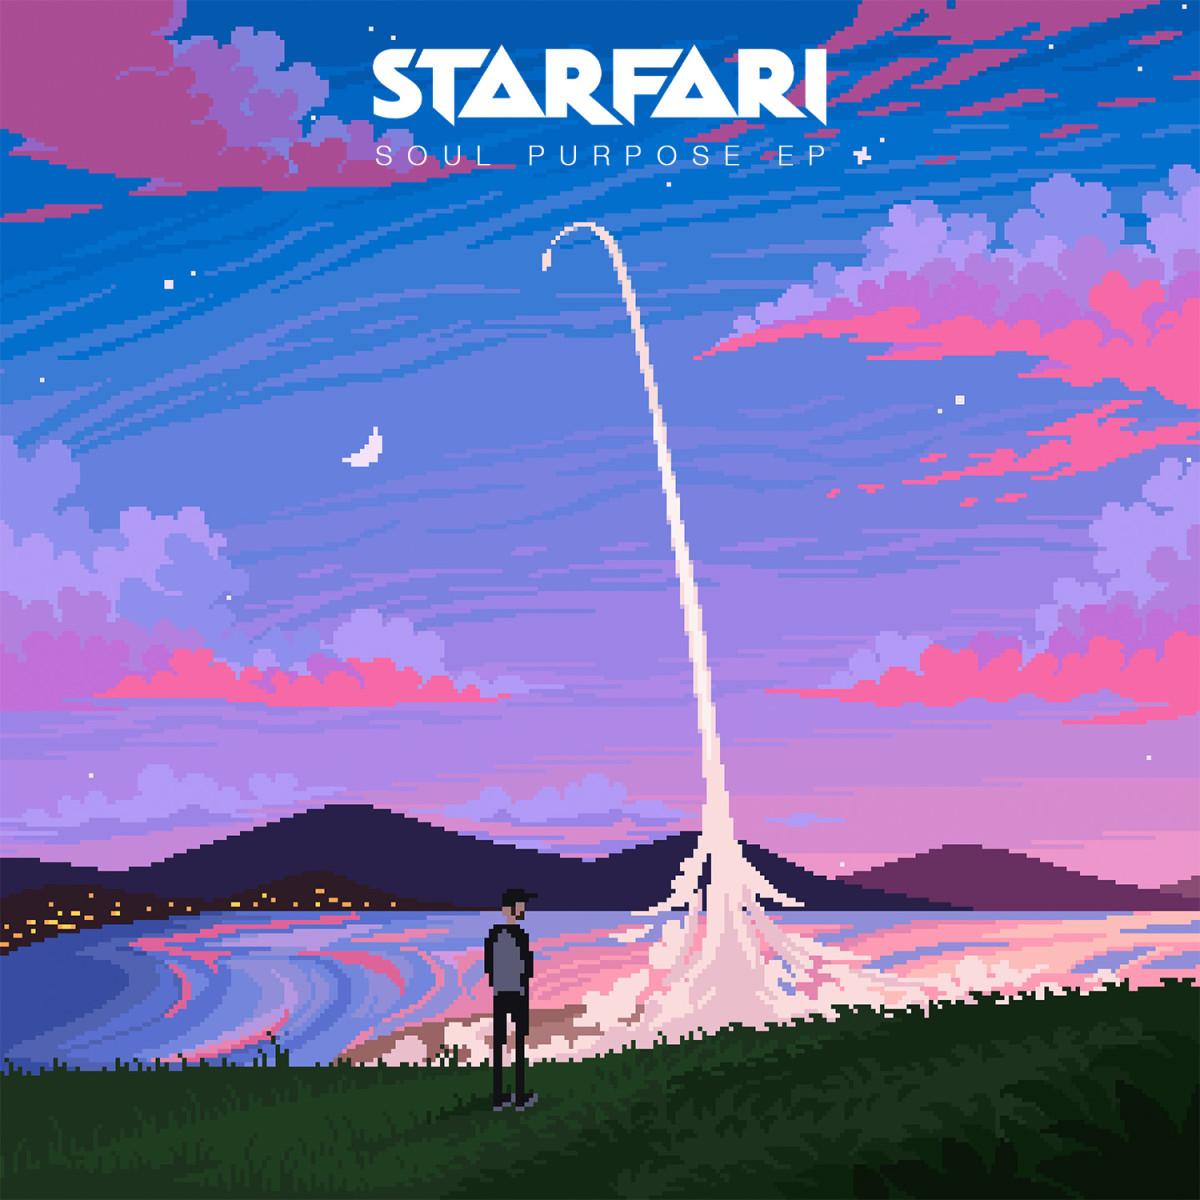 Starfari - Soul Purpose EP